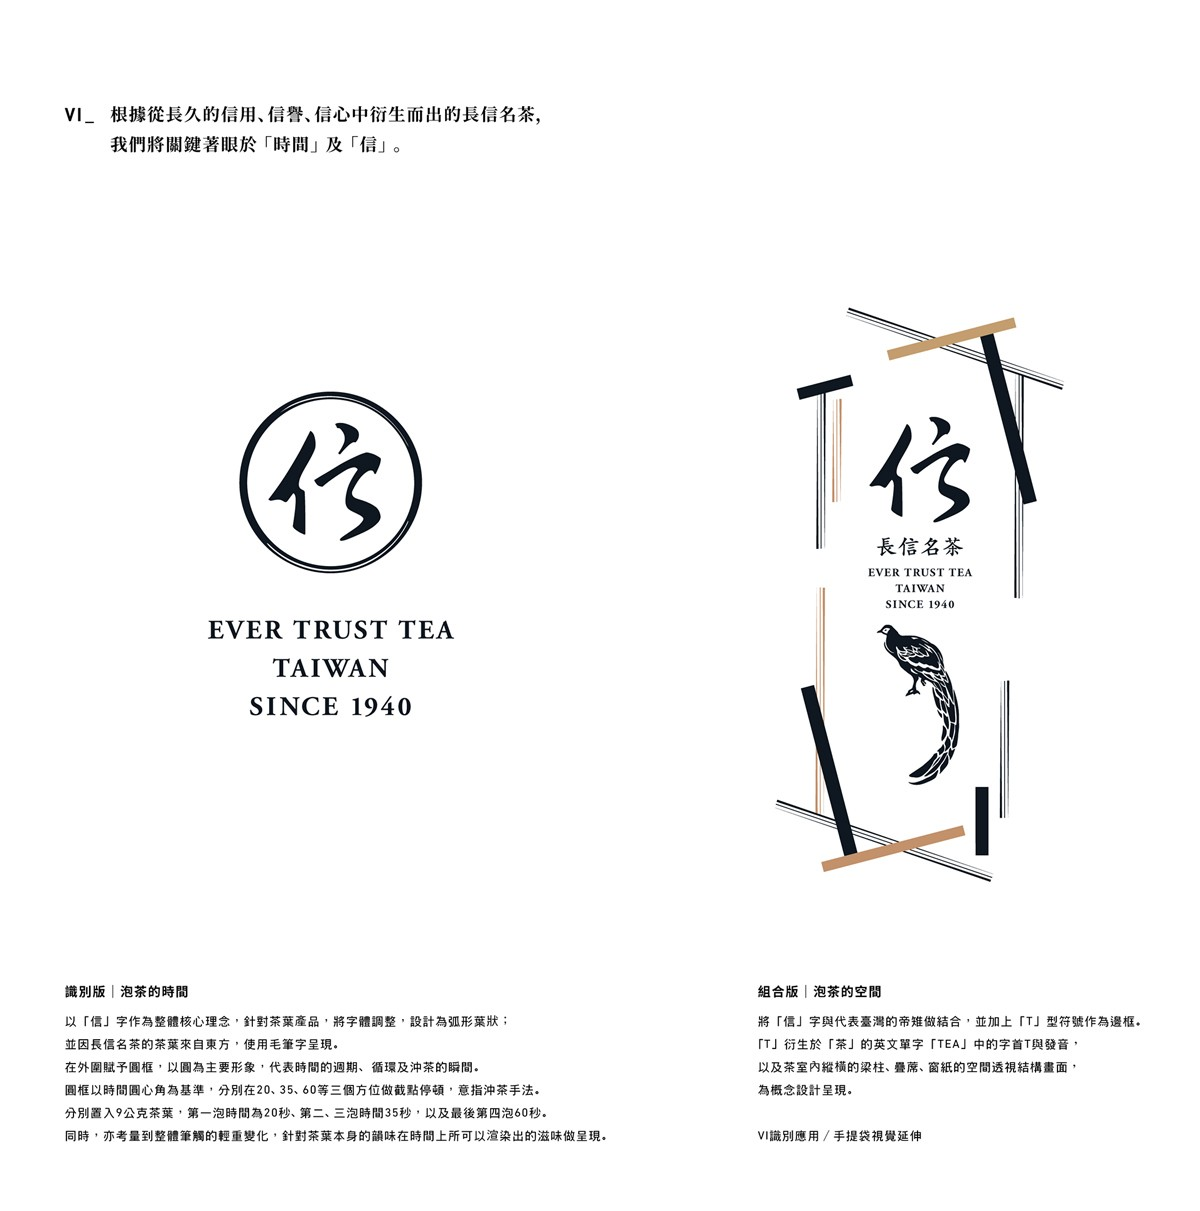 创意六角!茶叶品牌VI设计